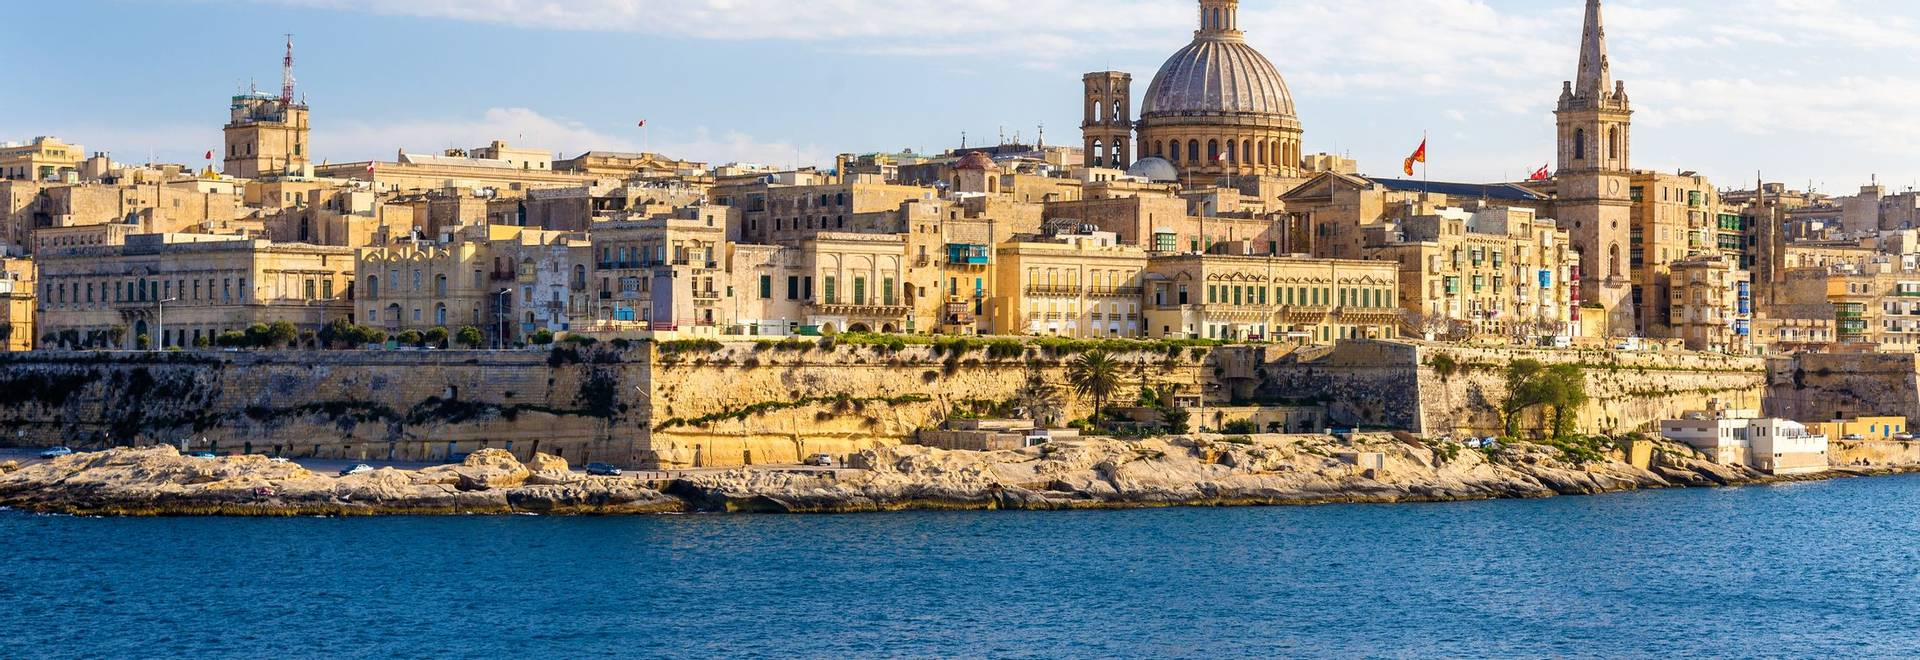 Passenger boat passing Marsamxett Harbour in Malta